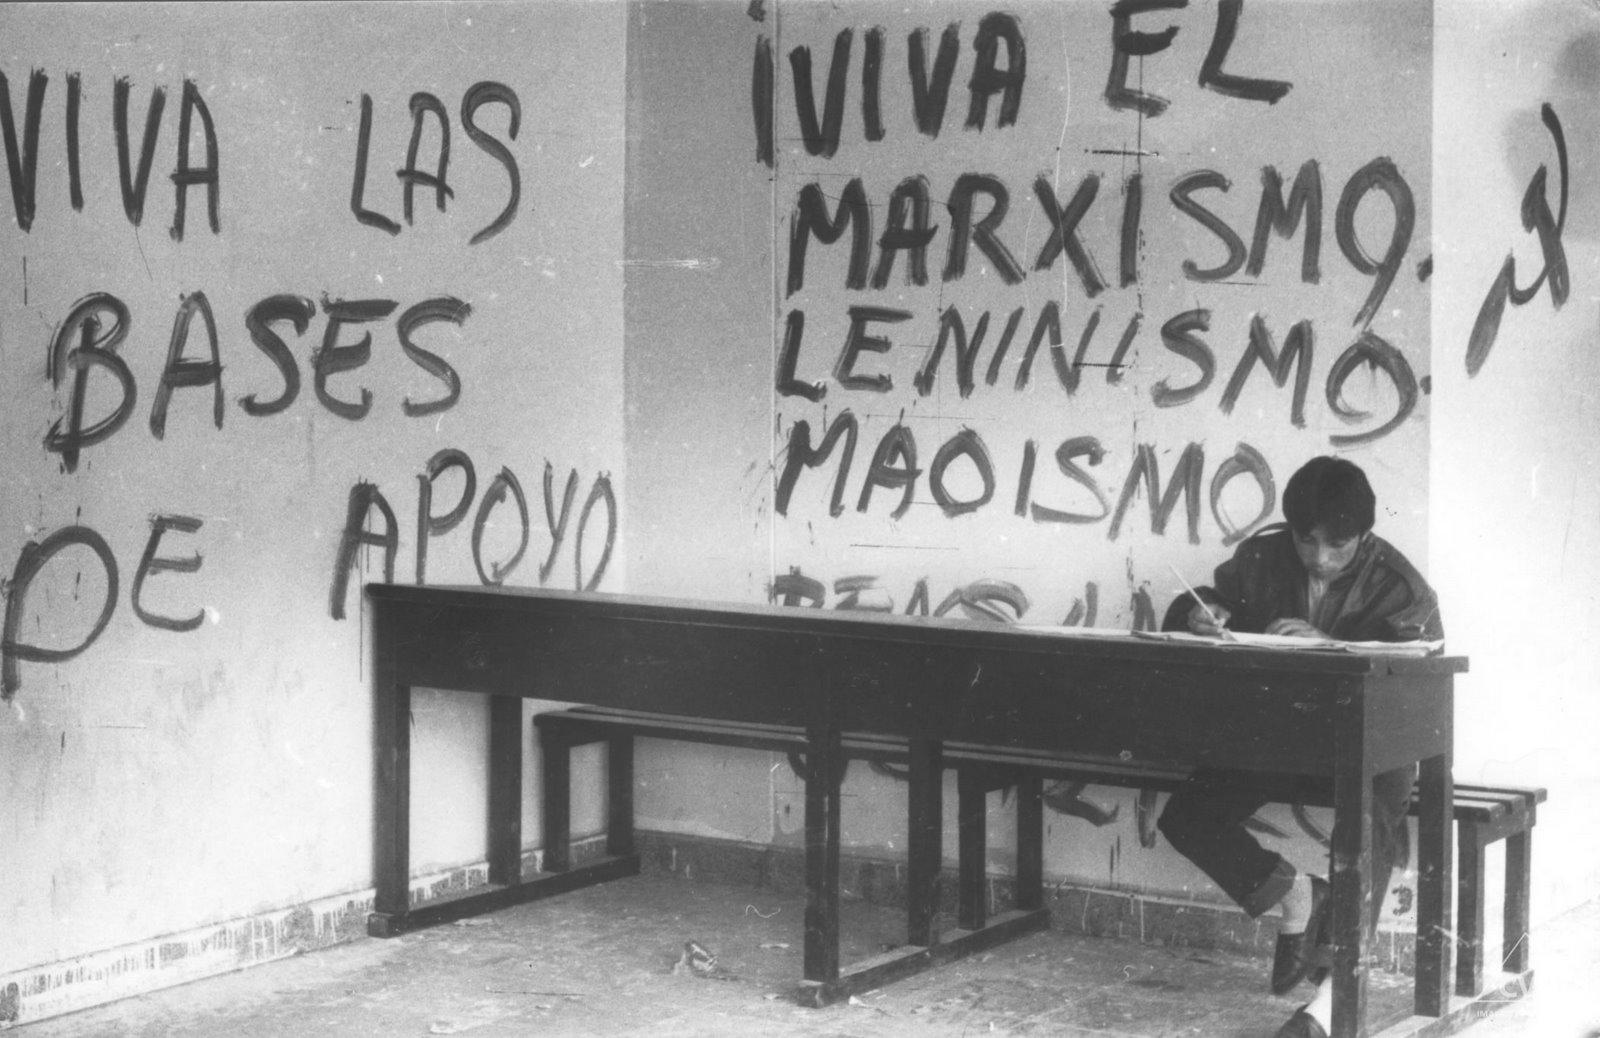 Partido Comunista del Perú